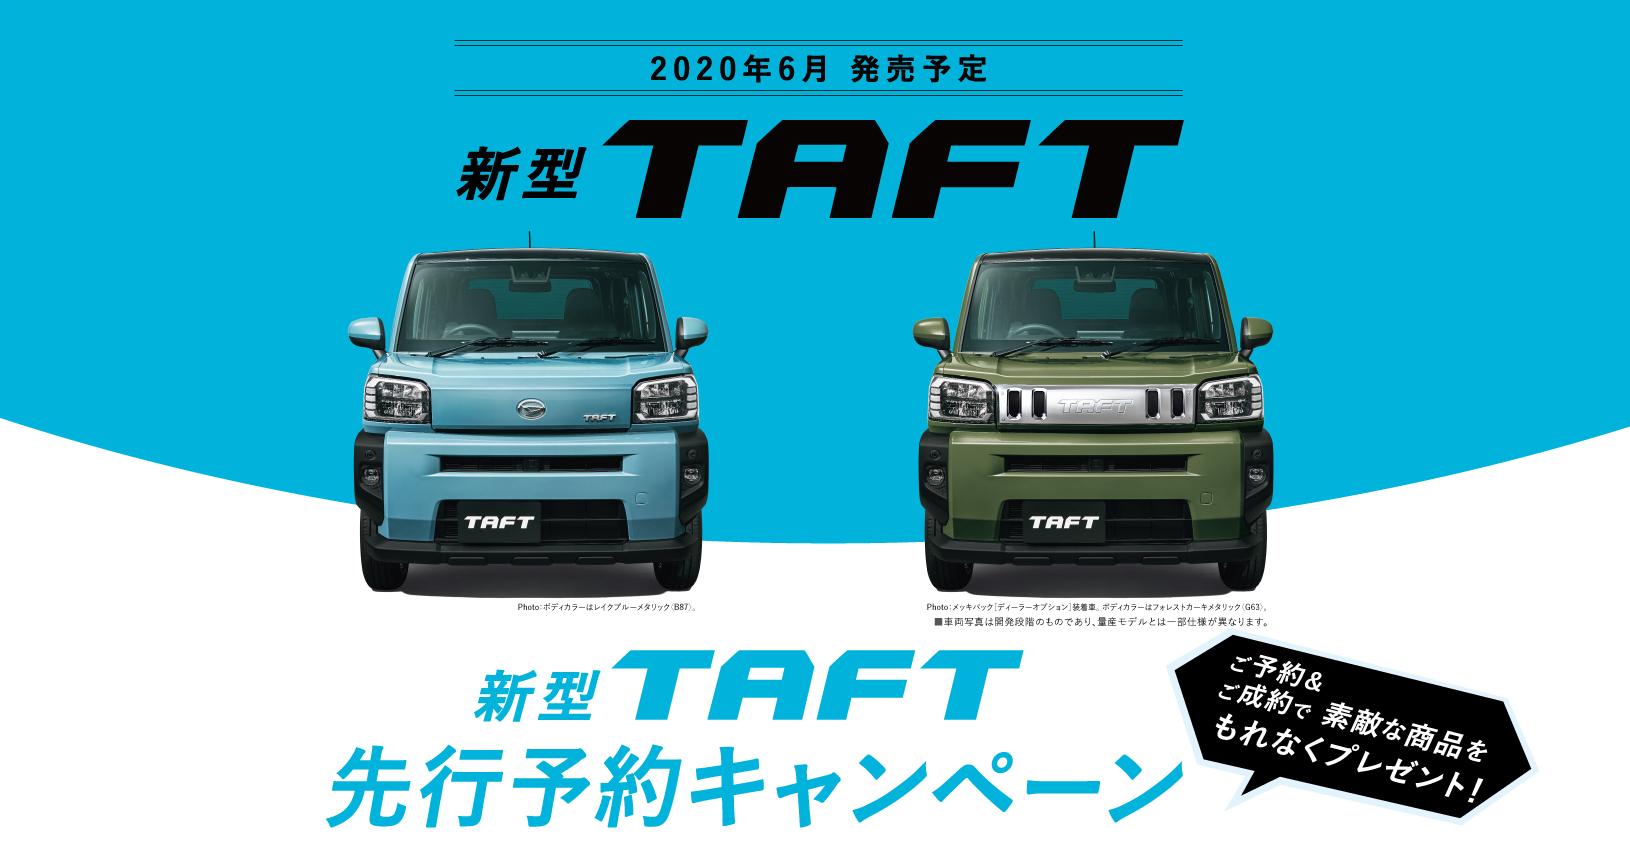 新型TAFT先行予約キャンペーン!